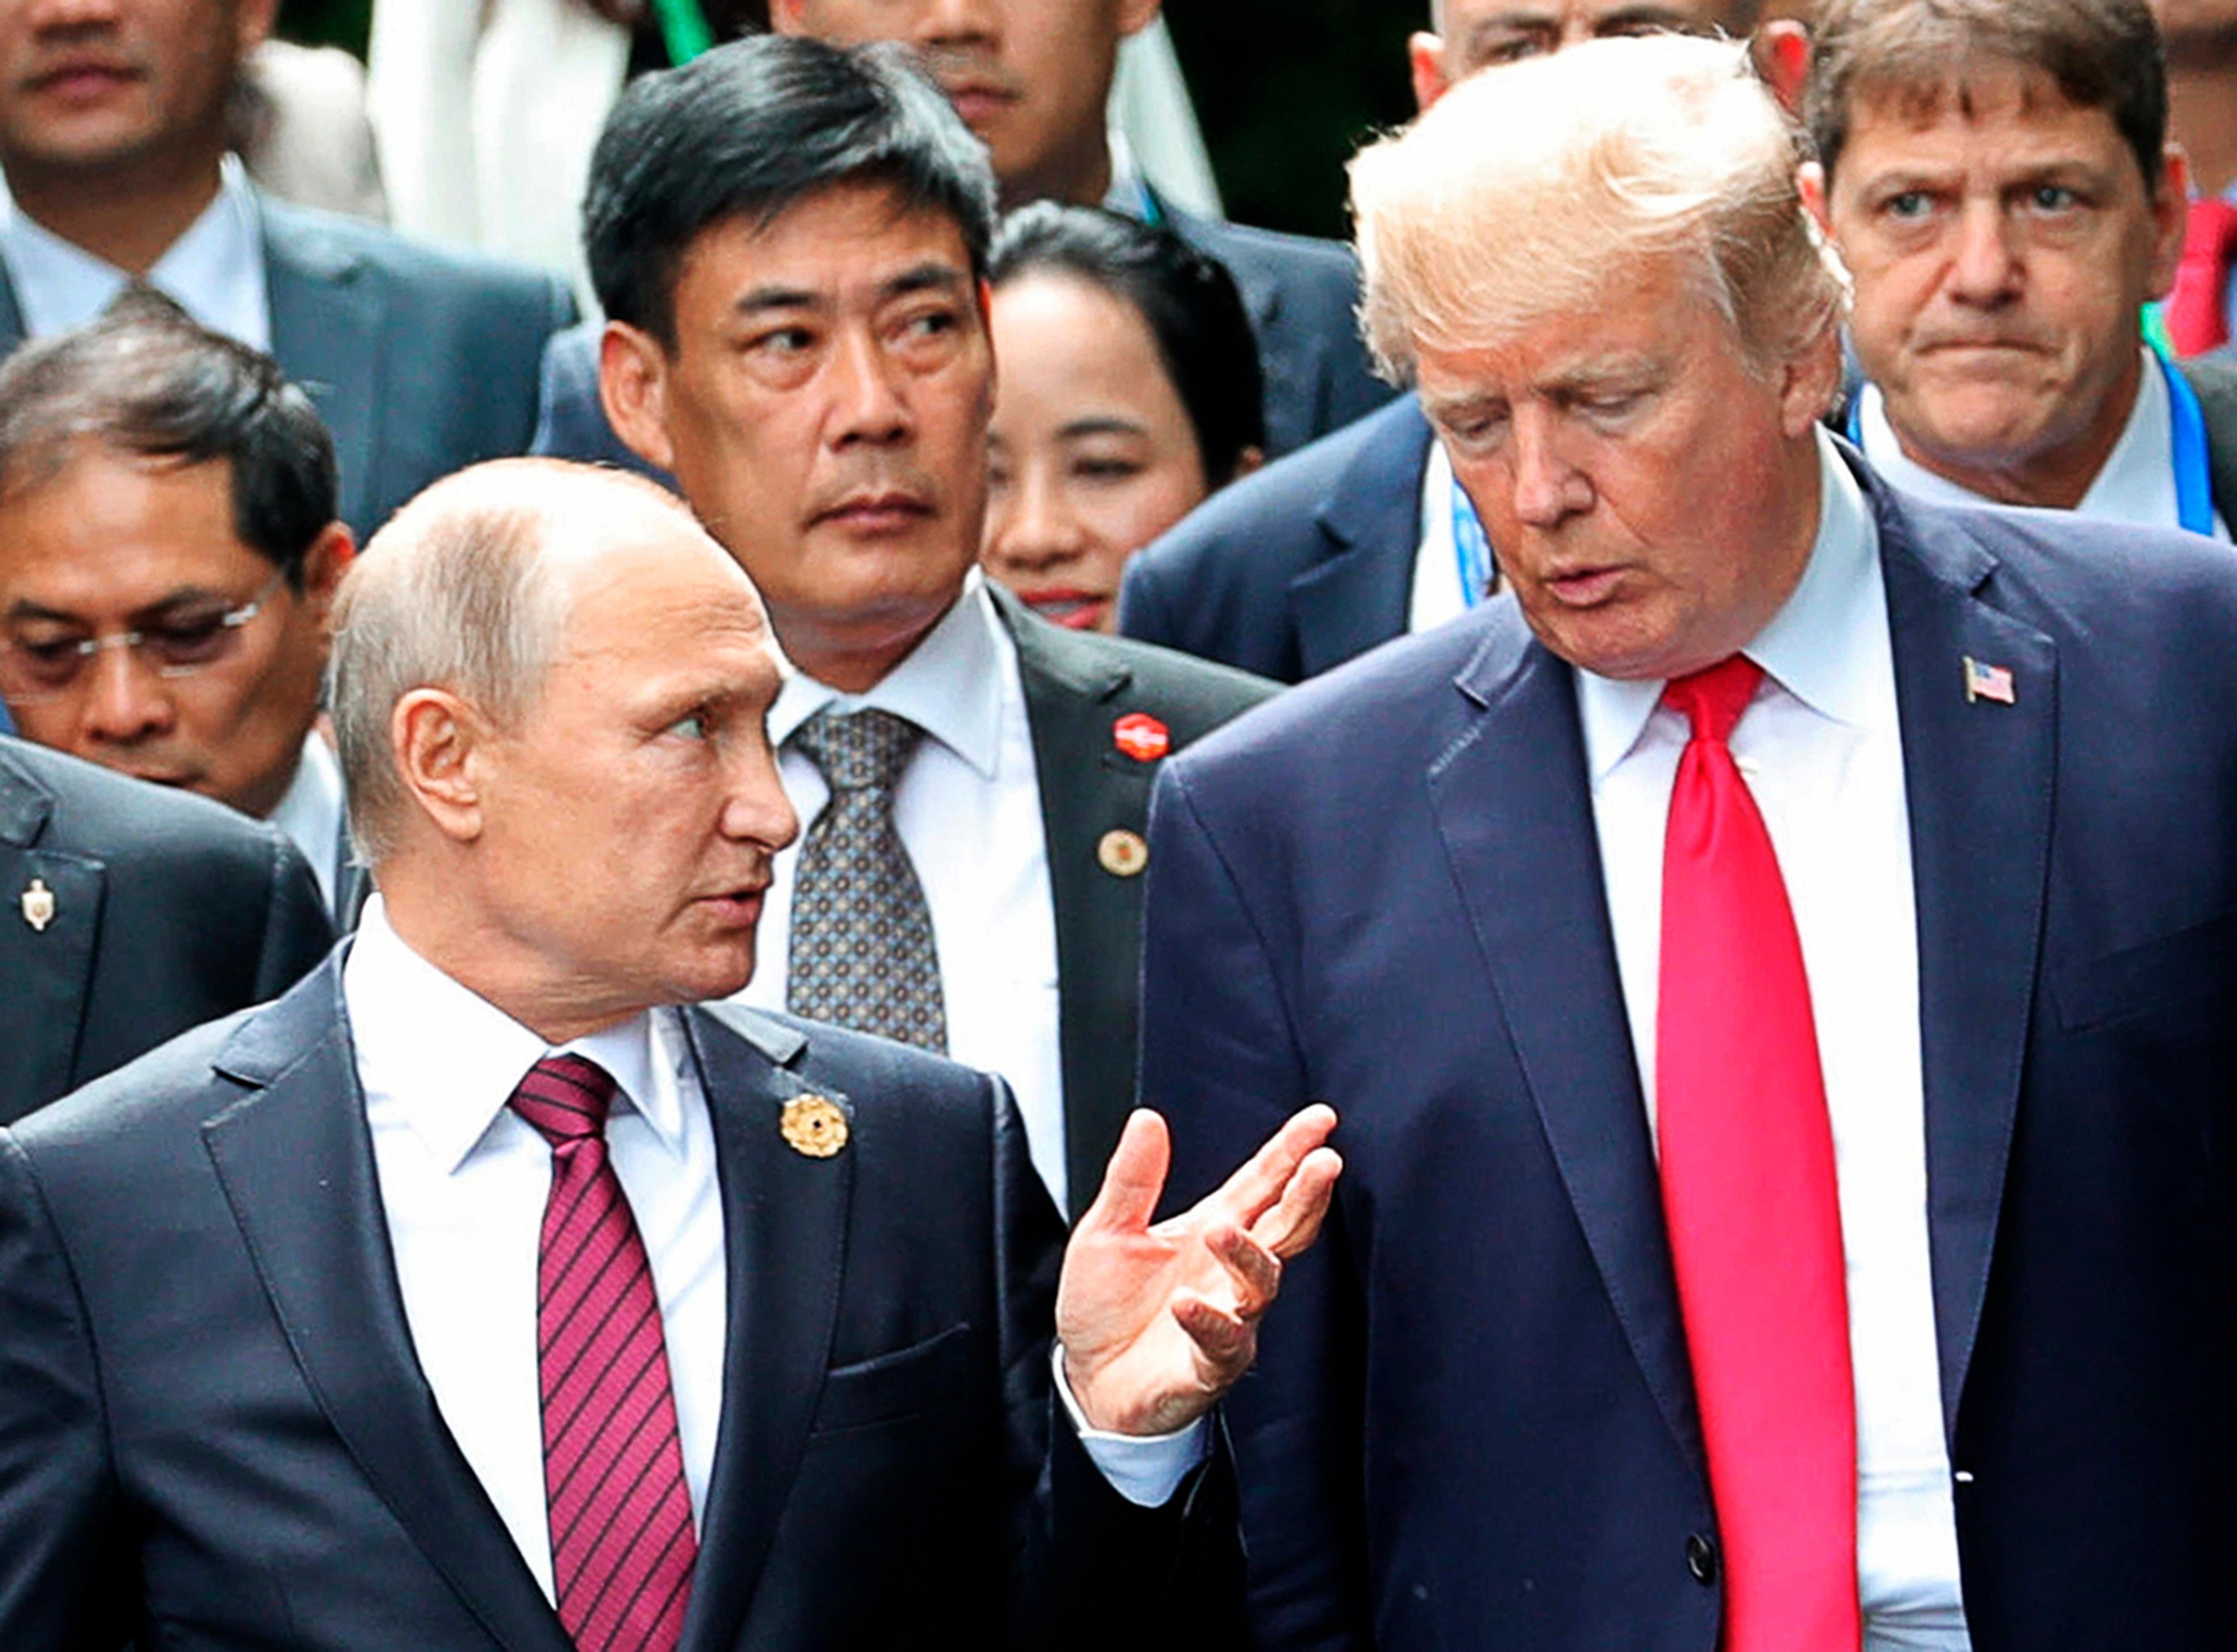 Алексиев: Путин и Тръмп приятели? Несъстоятелно